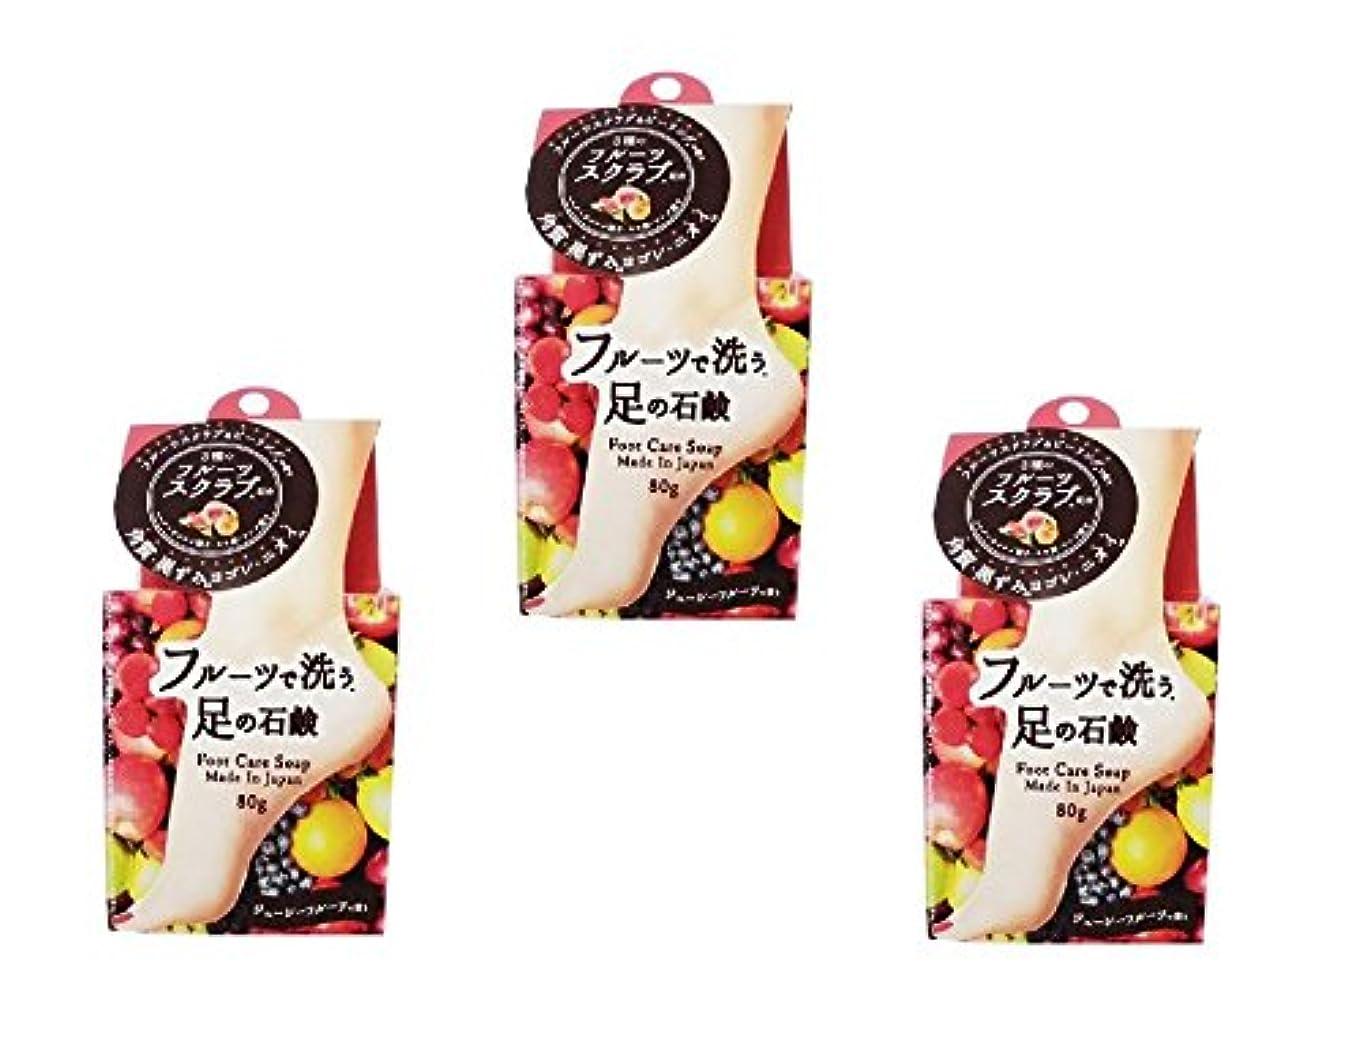 消毒剤規則性介入するフルーツで洗う足の石鹸 80g (3個セット)